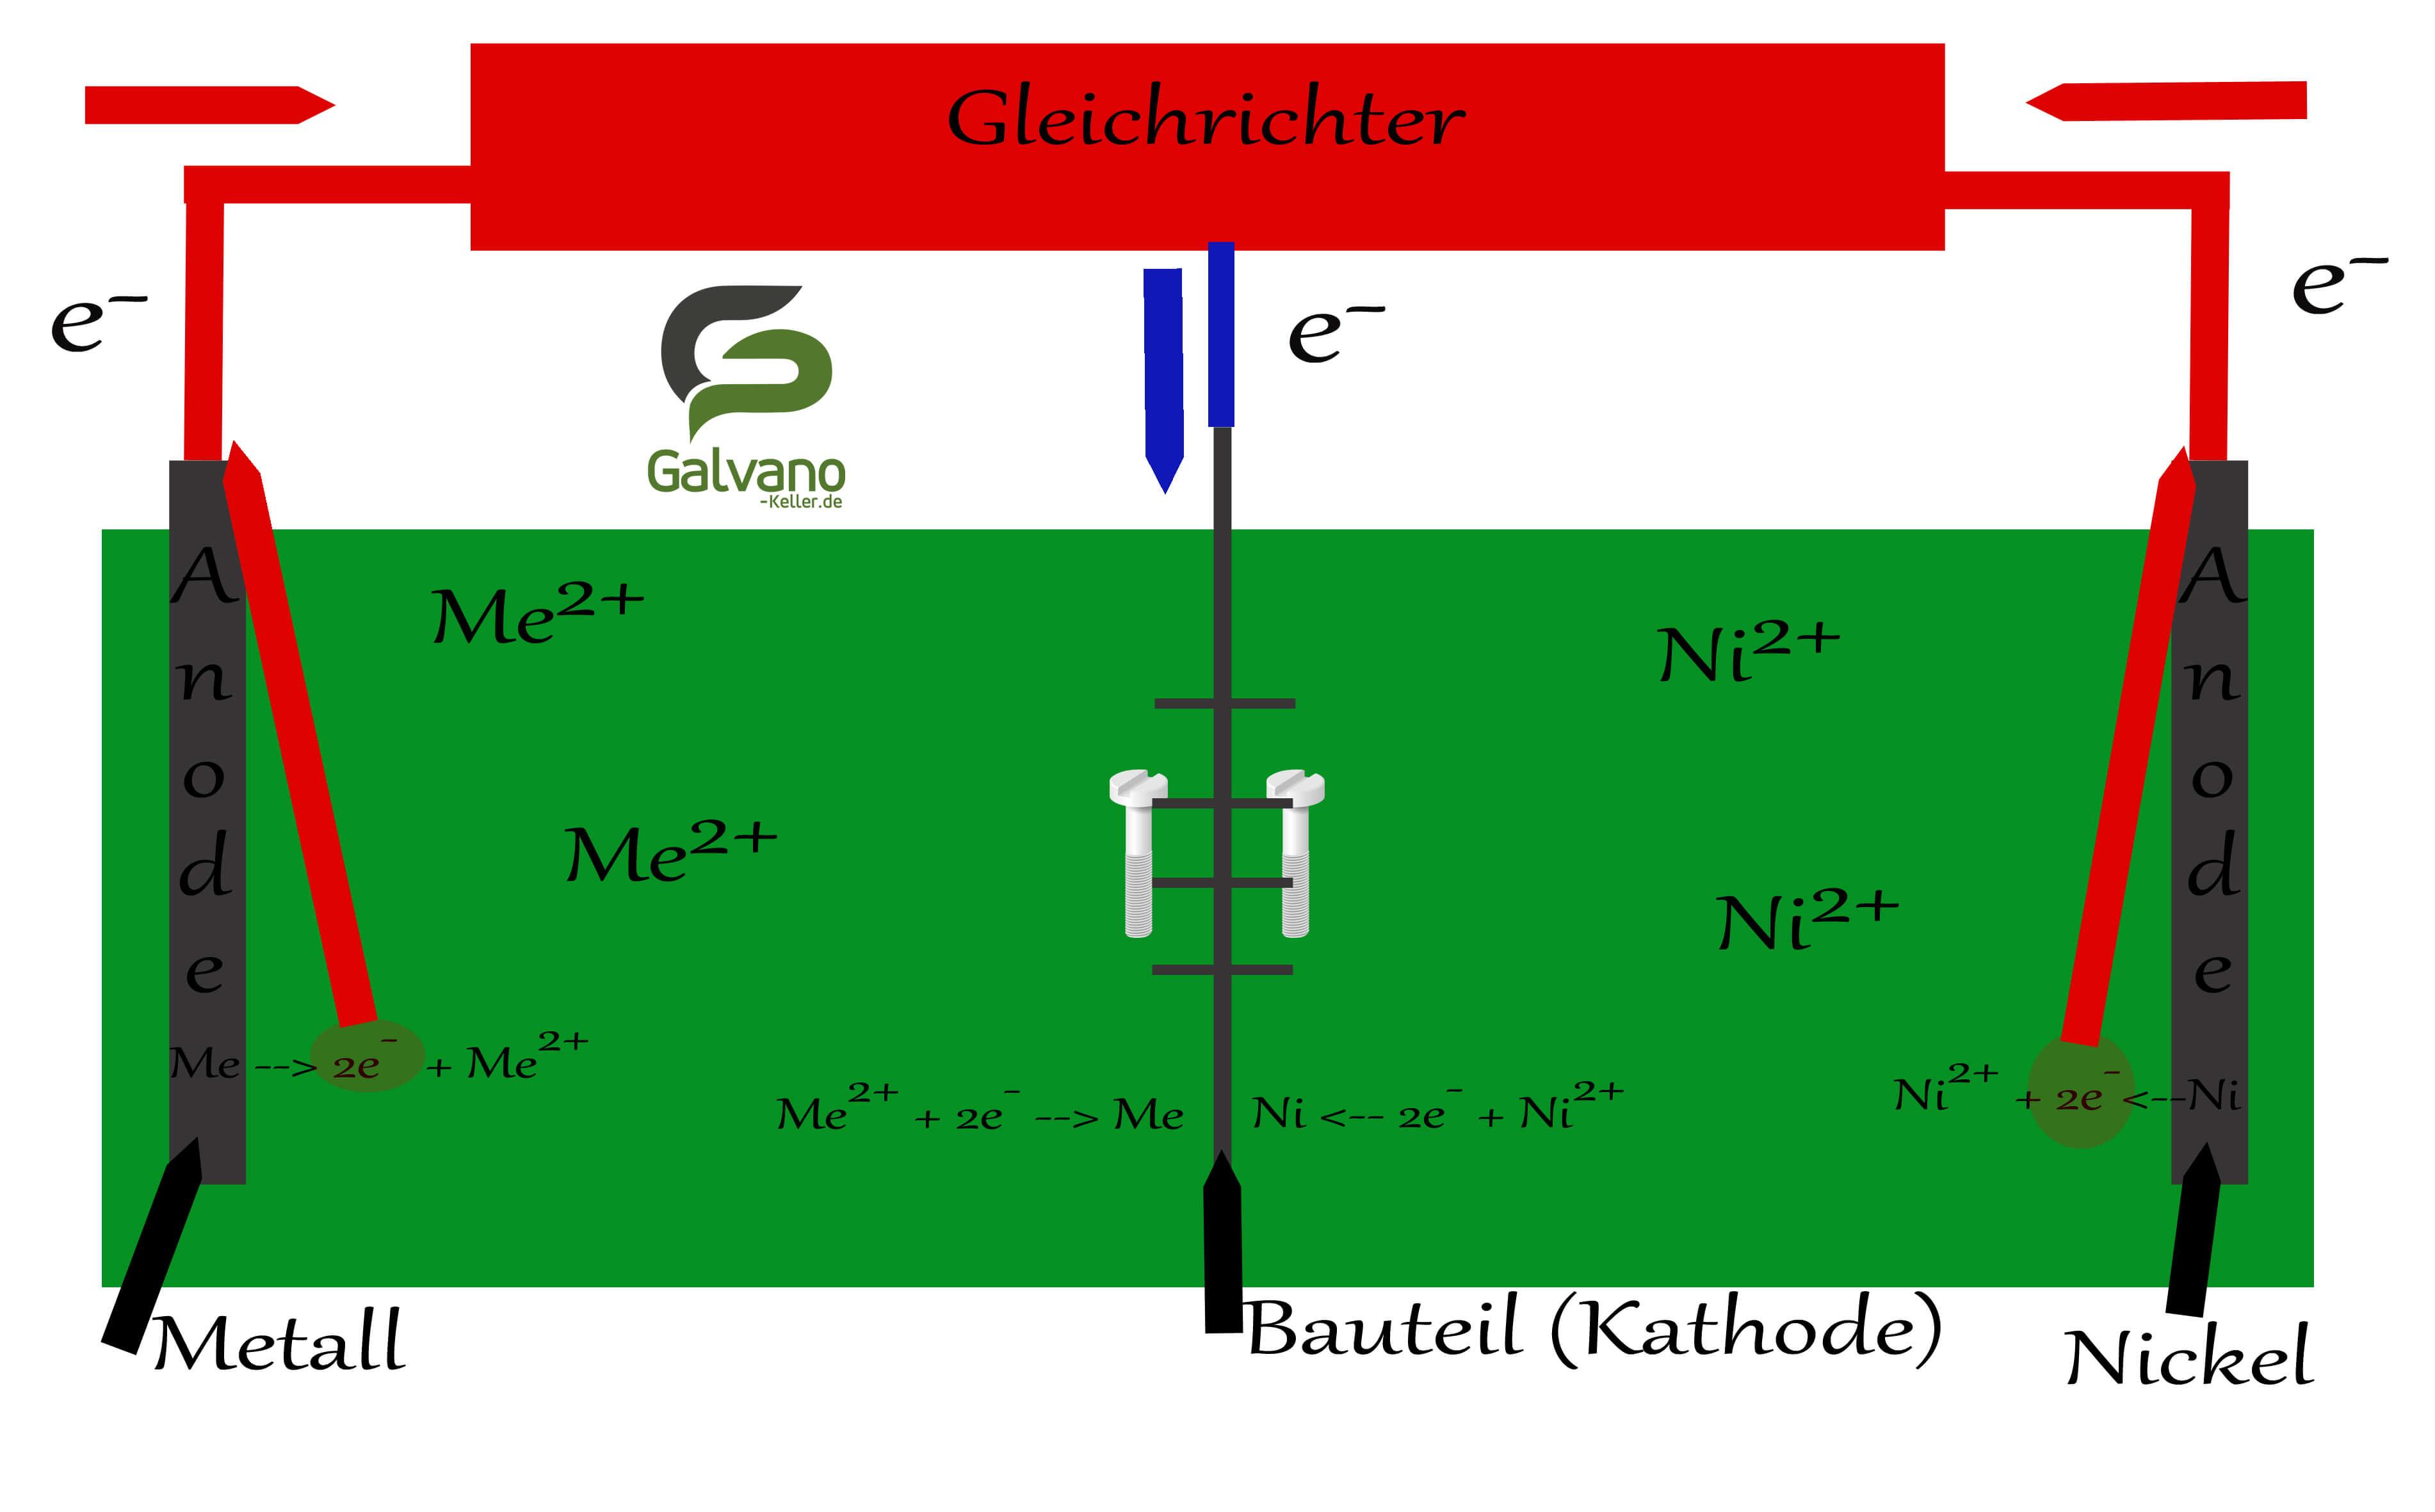 Ein galvanischer Elektrolyt, mit Beschriftungen um zu verstehen wie das Galvanisieren funktioniert